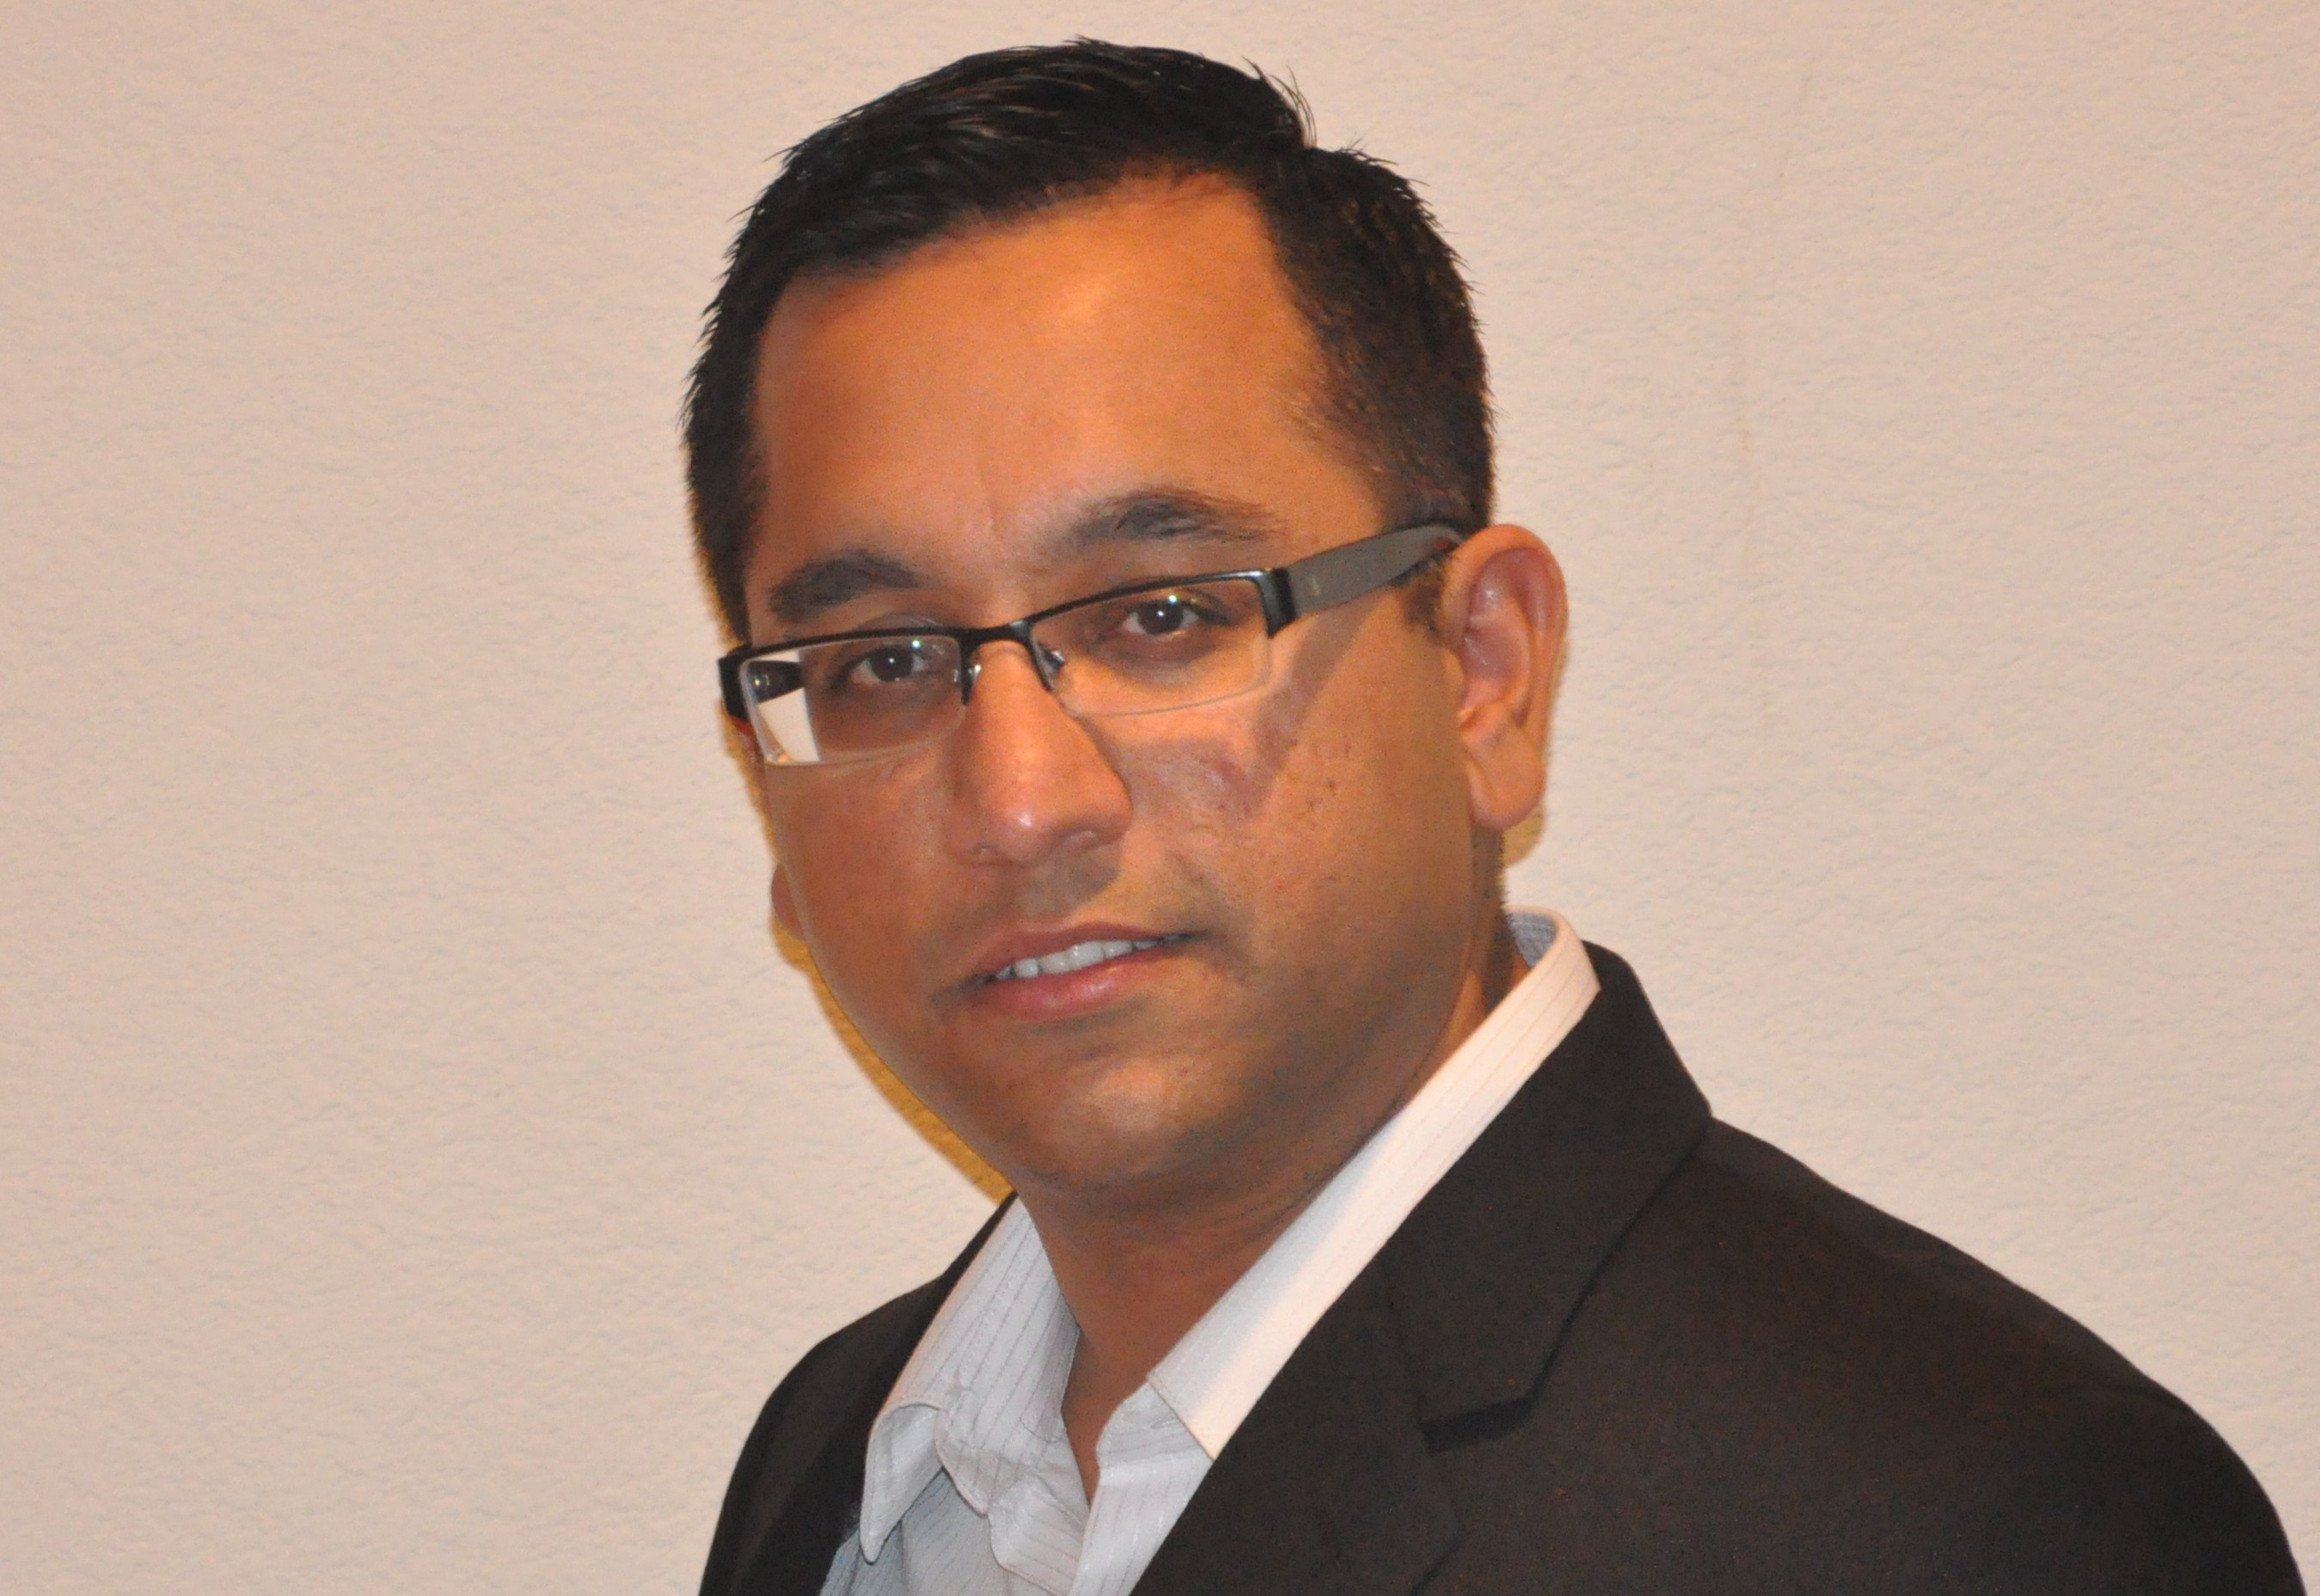 PernixData CEO Poojan Kumar